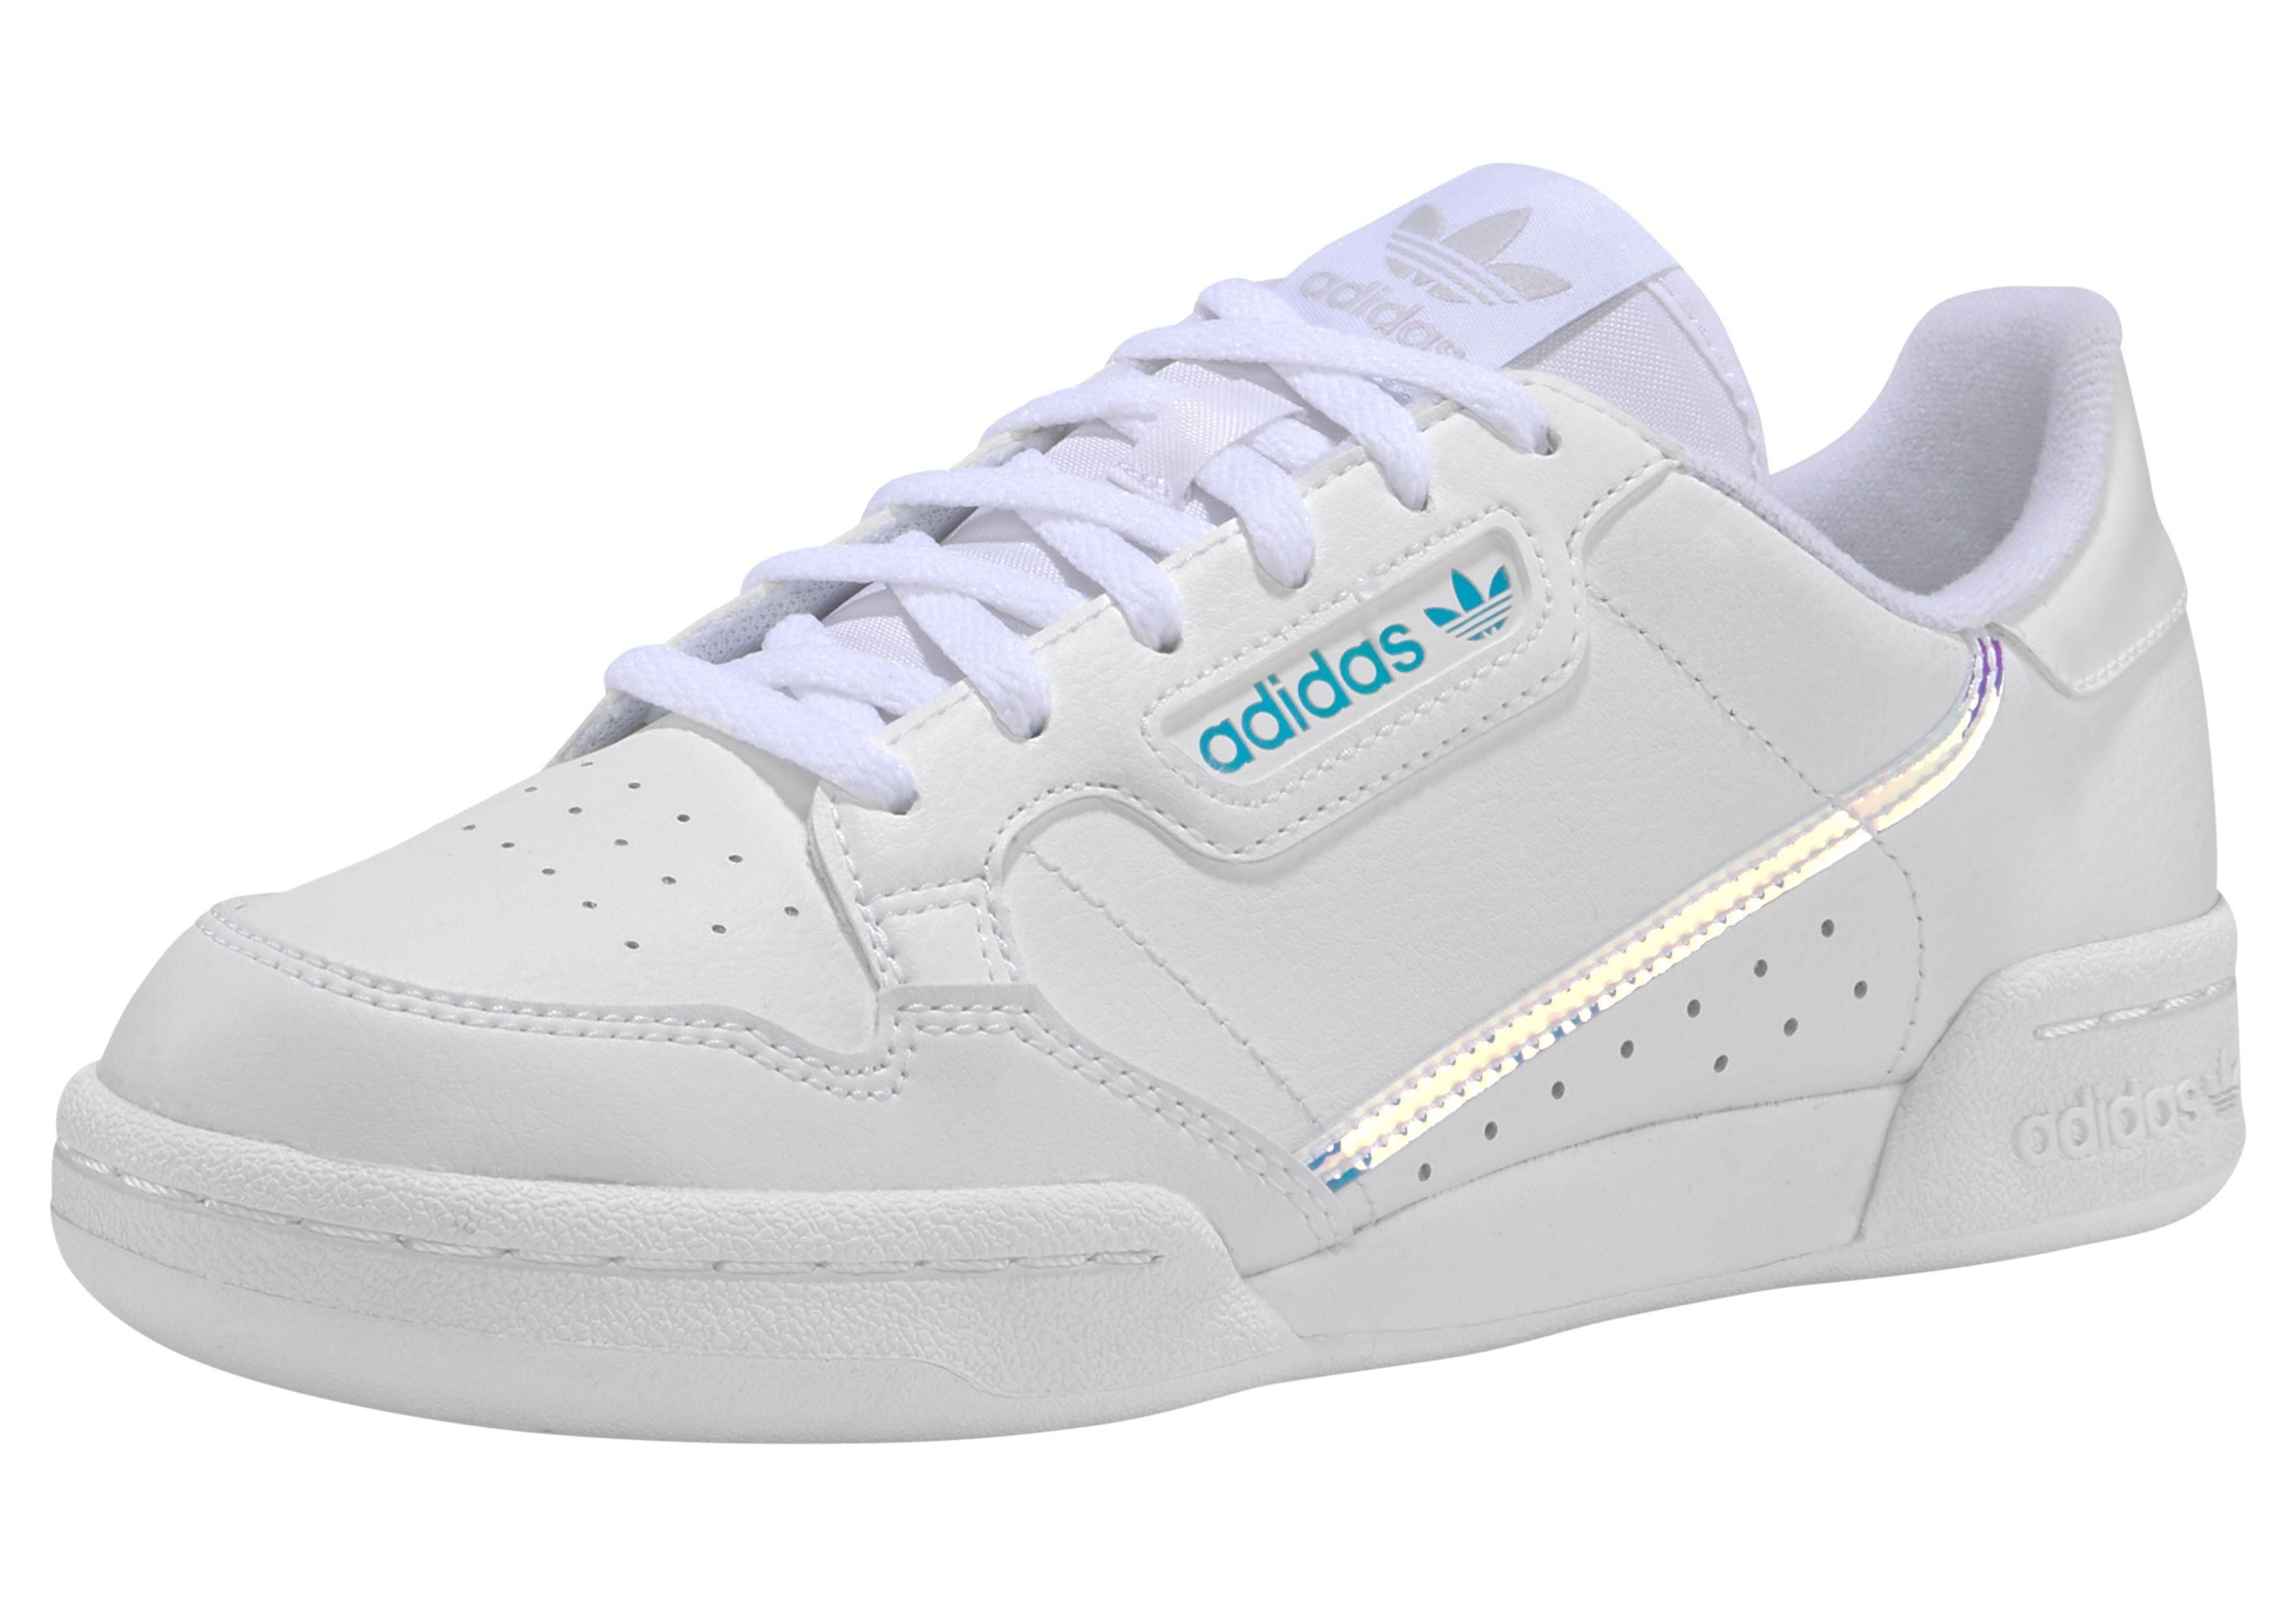 adidas Originals »CONTINENTAL 80 J« Sneaker kaufen | OTTO